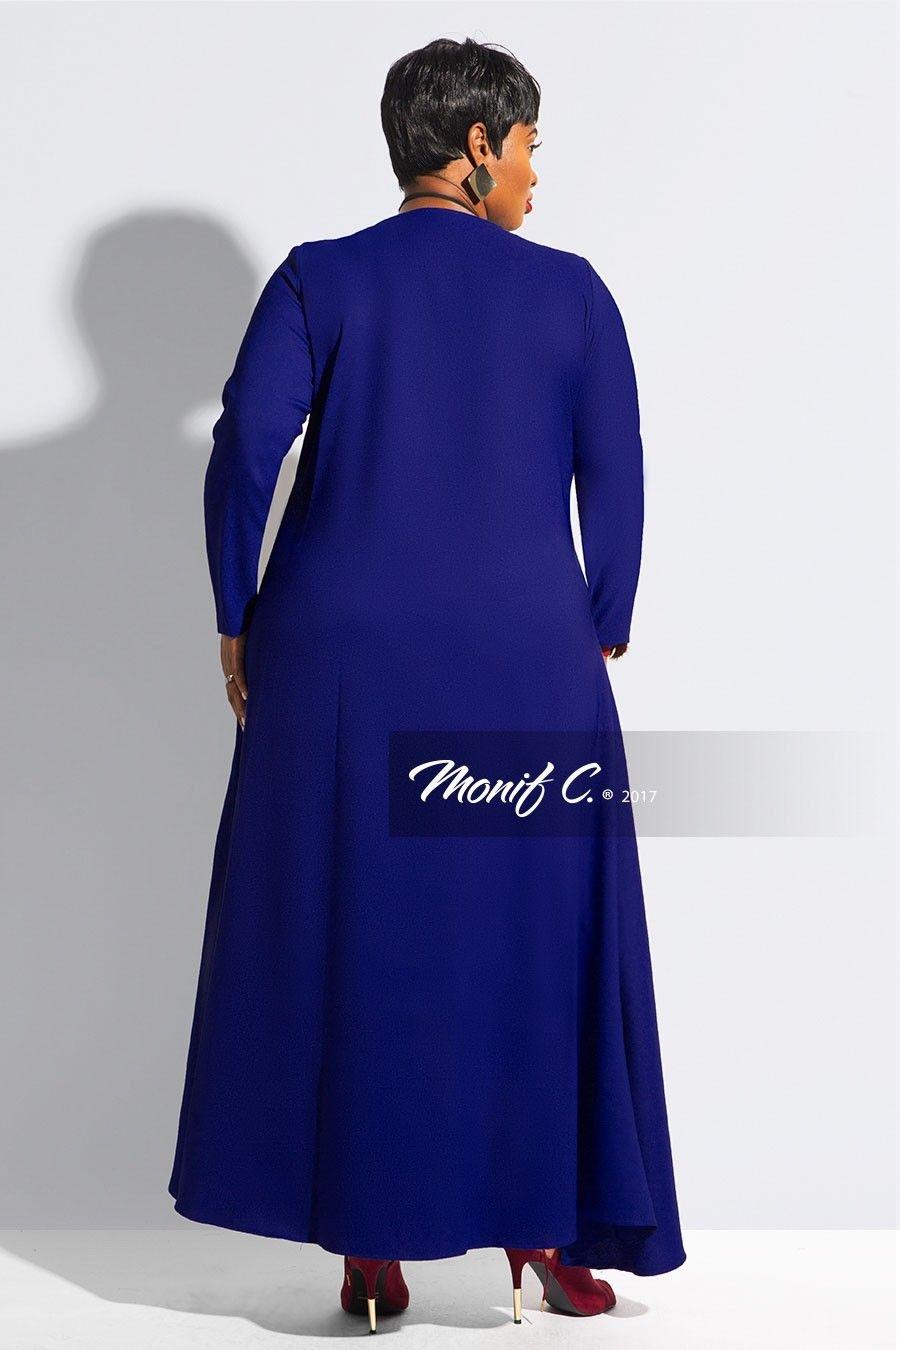 Monif C Plus Size Clothing | Queen Collection | Pinterest